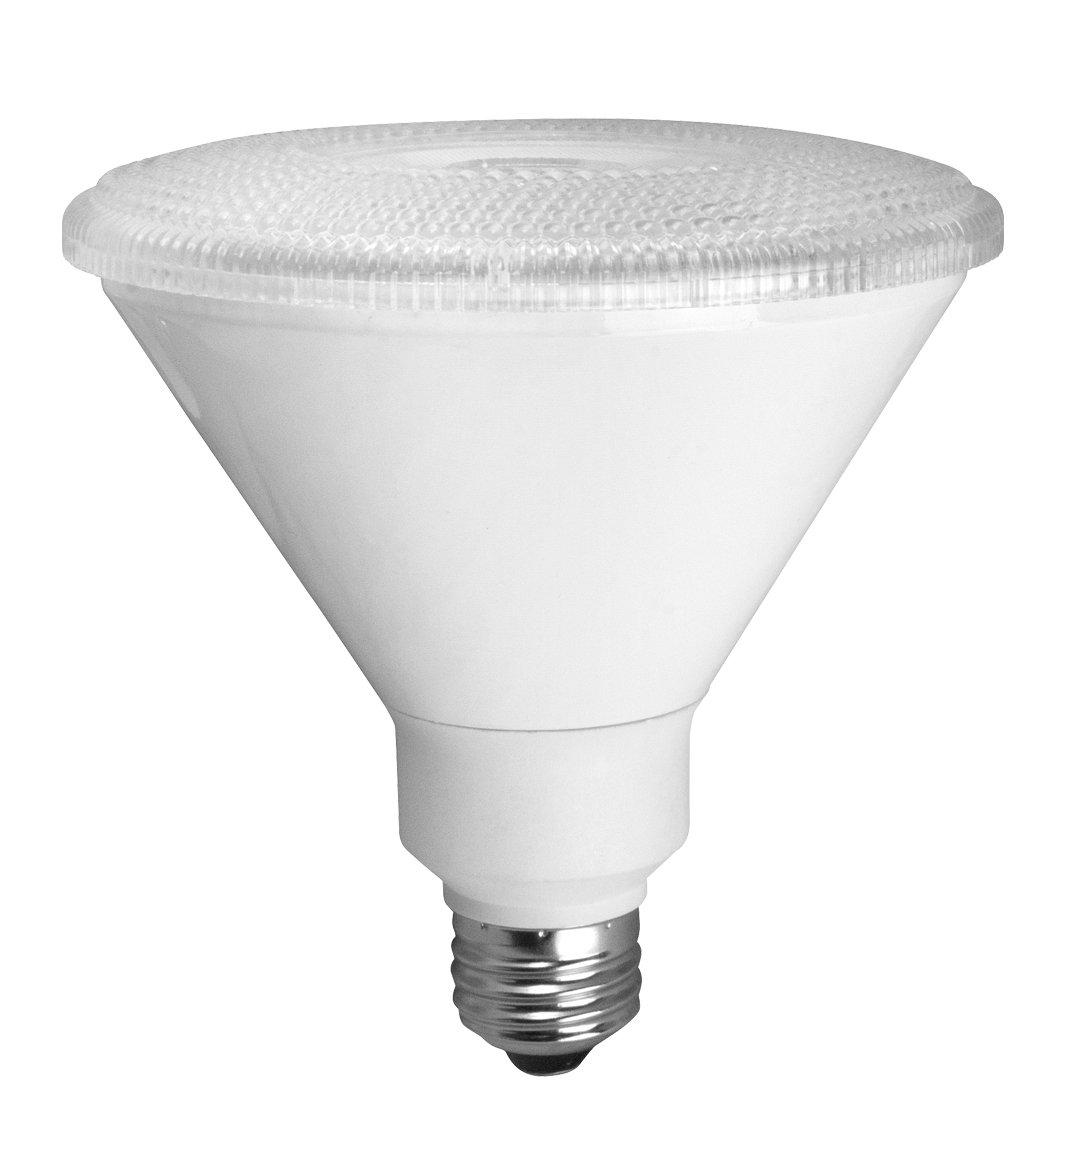 LED PAR38